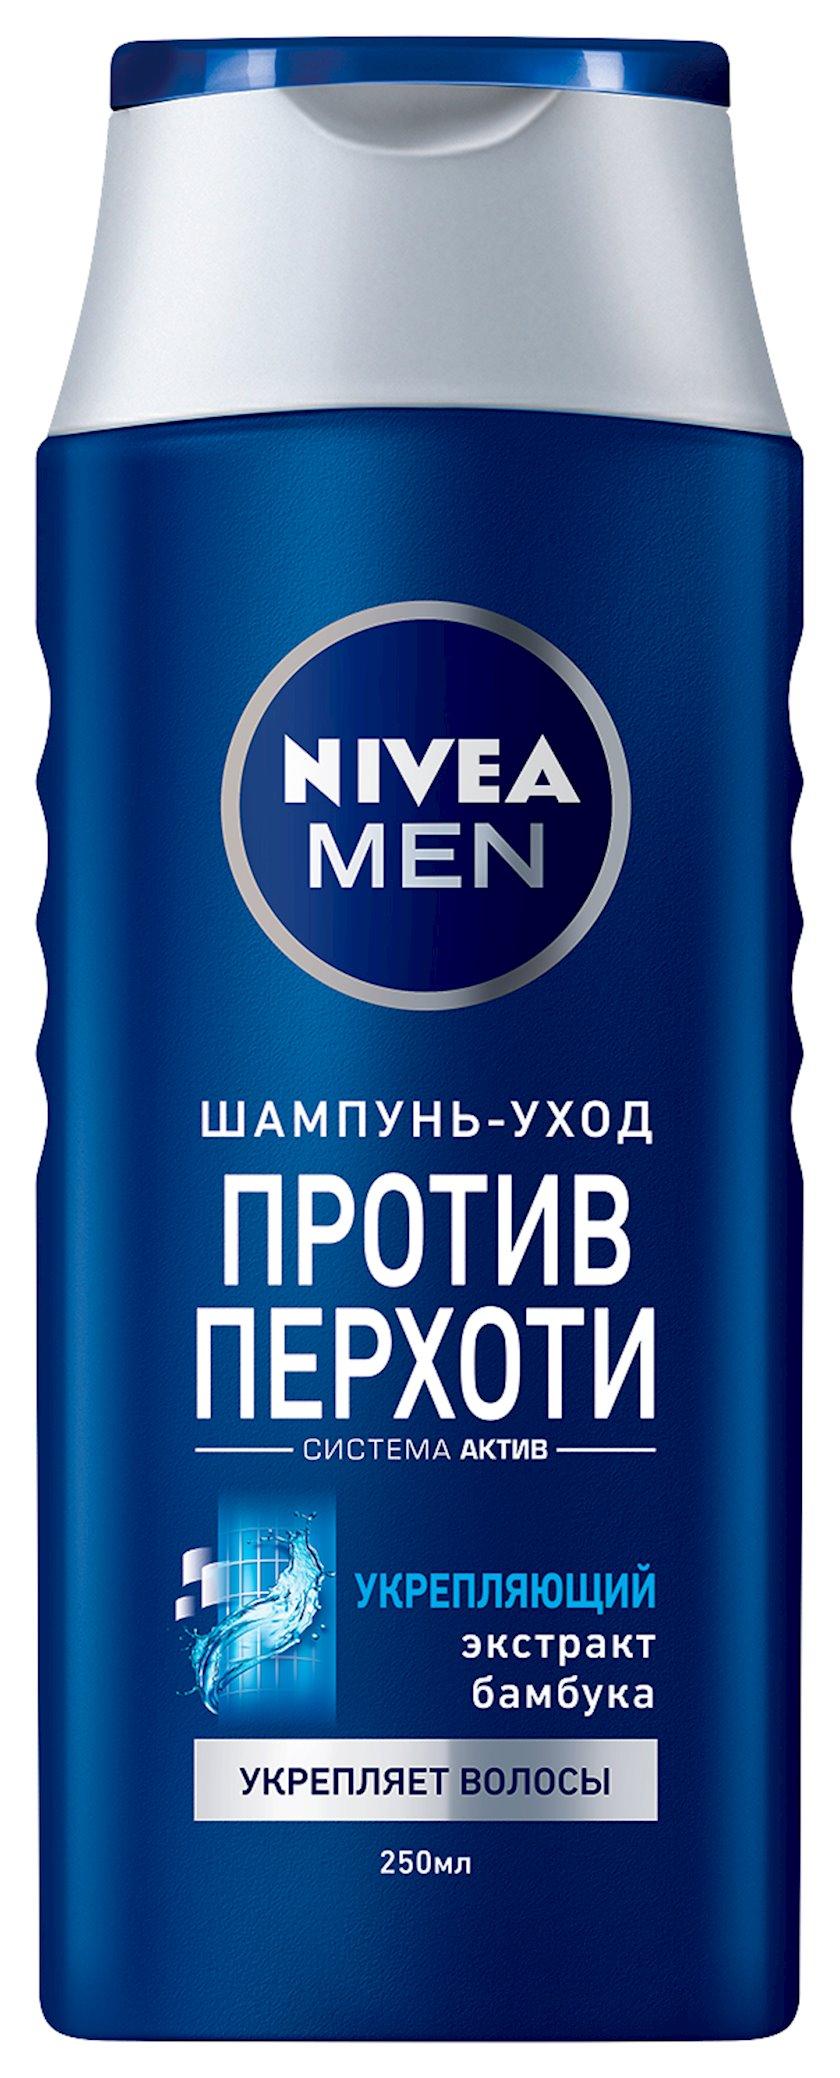 Şampun Nivea Men  bambukun cövhəriylə kəpəyə qarşı bərkidən 250 ml